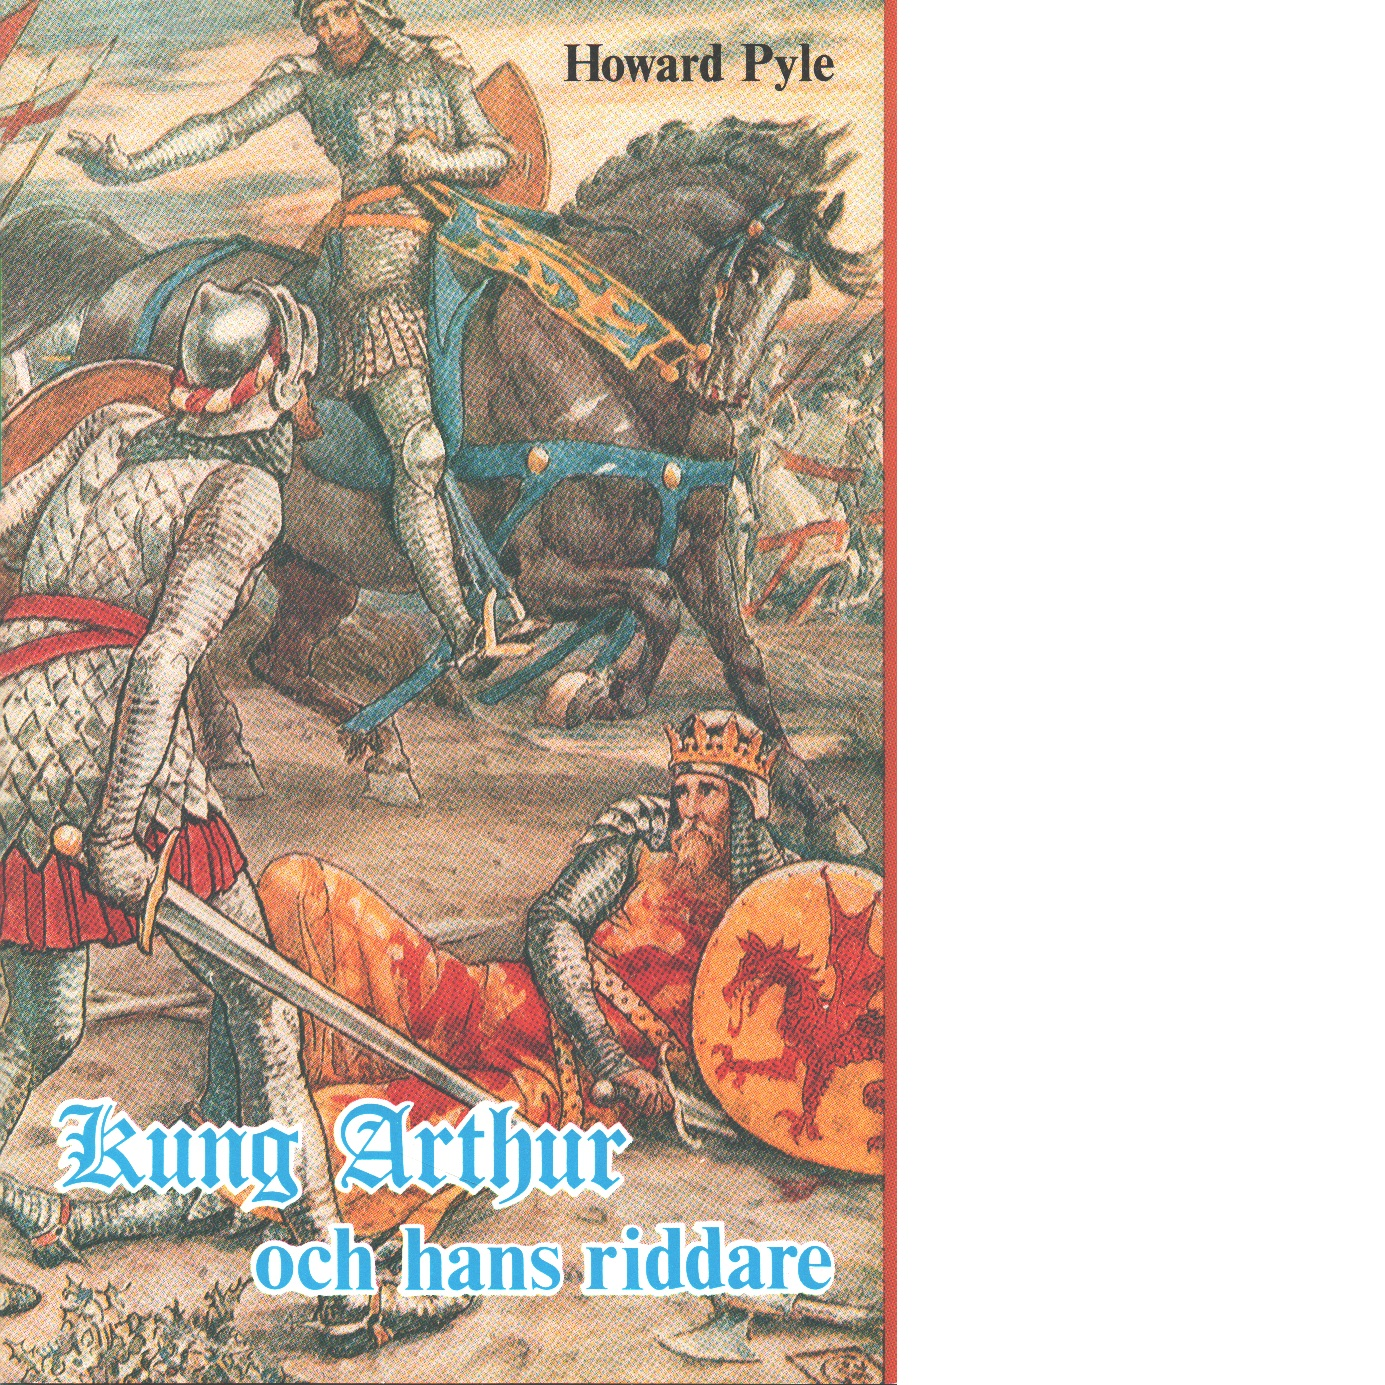 Kung Arthur och hans riddare - Pyle, Howard